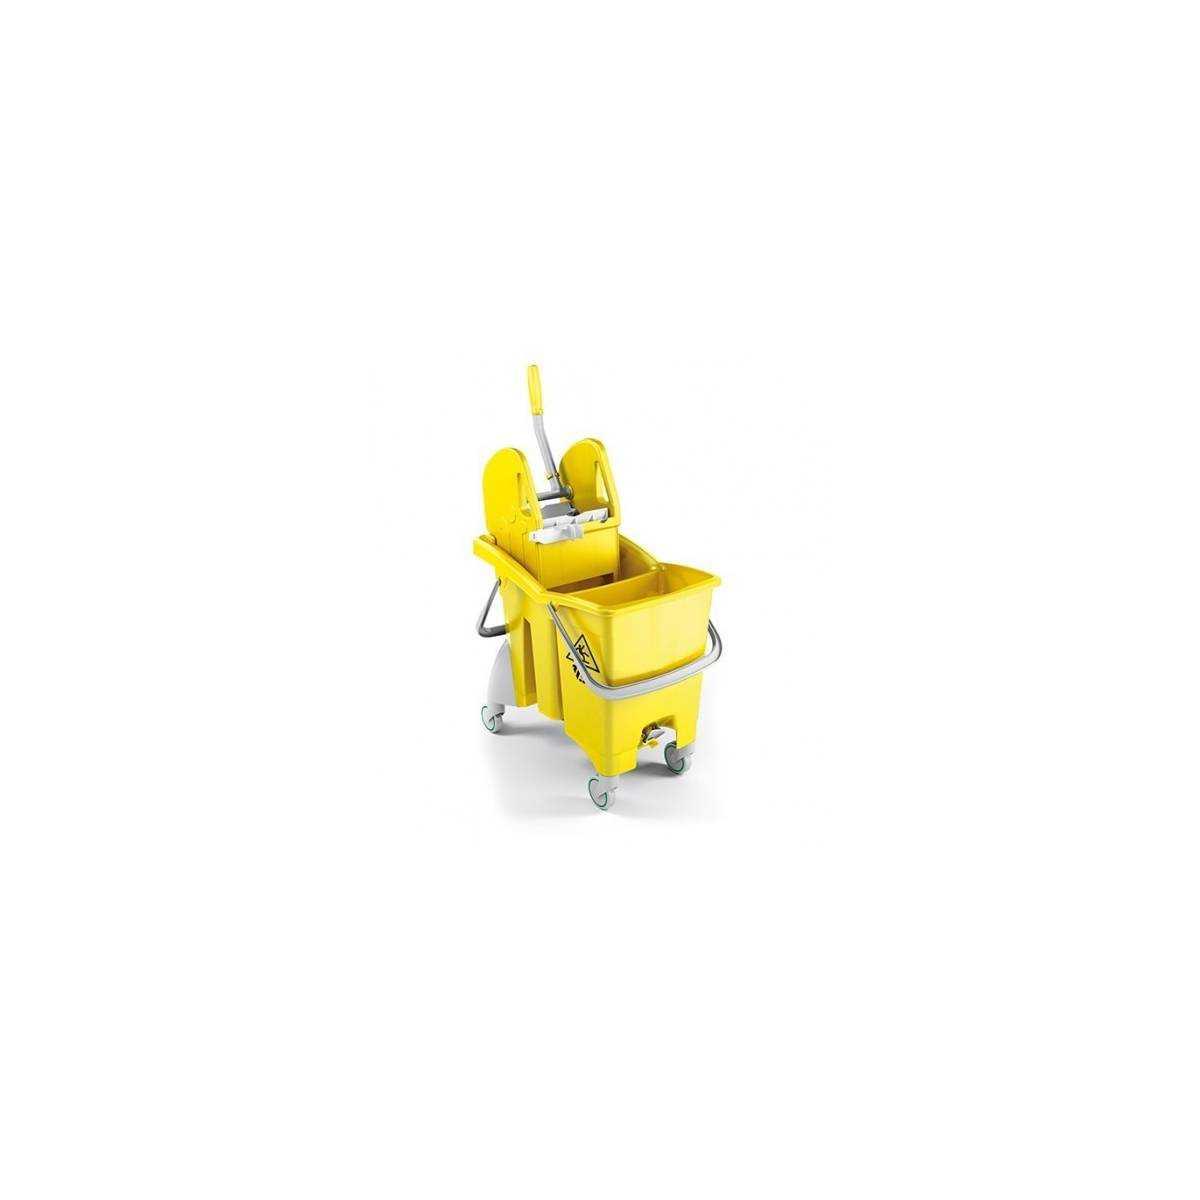 Ведро с отжимом ACTION PRO 30л (Желтого цвета) 0G006485 TTS